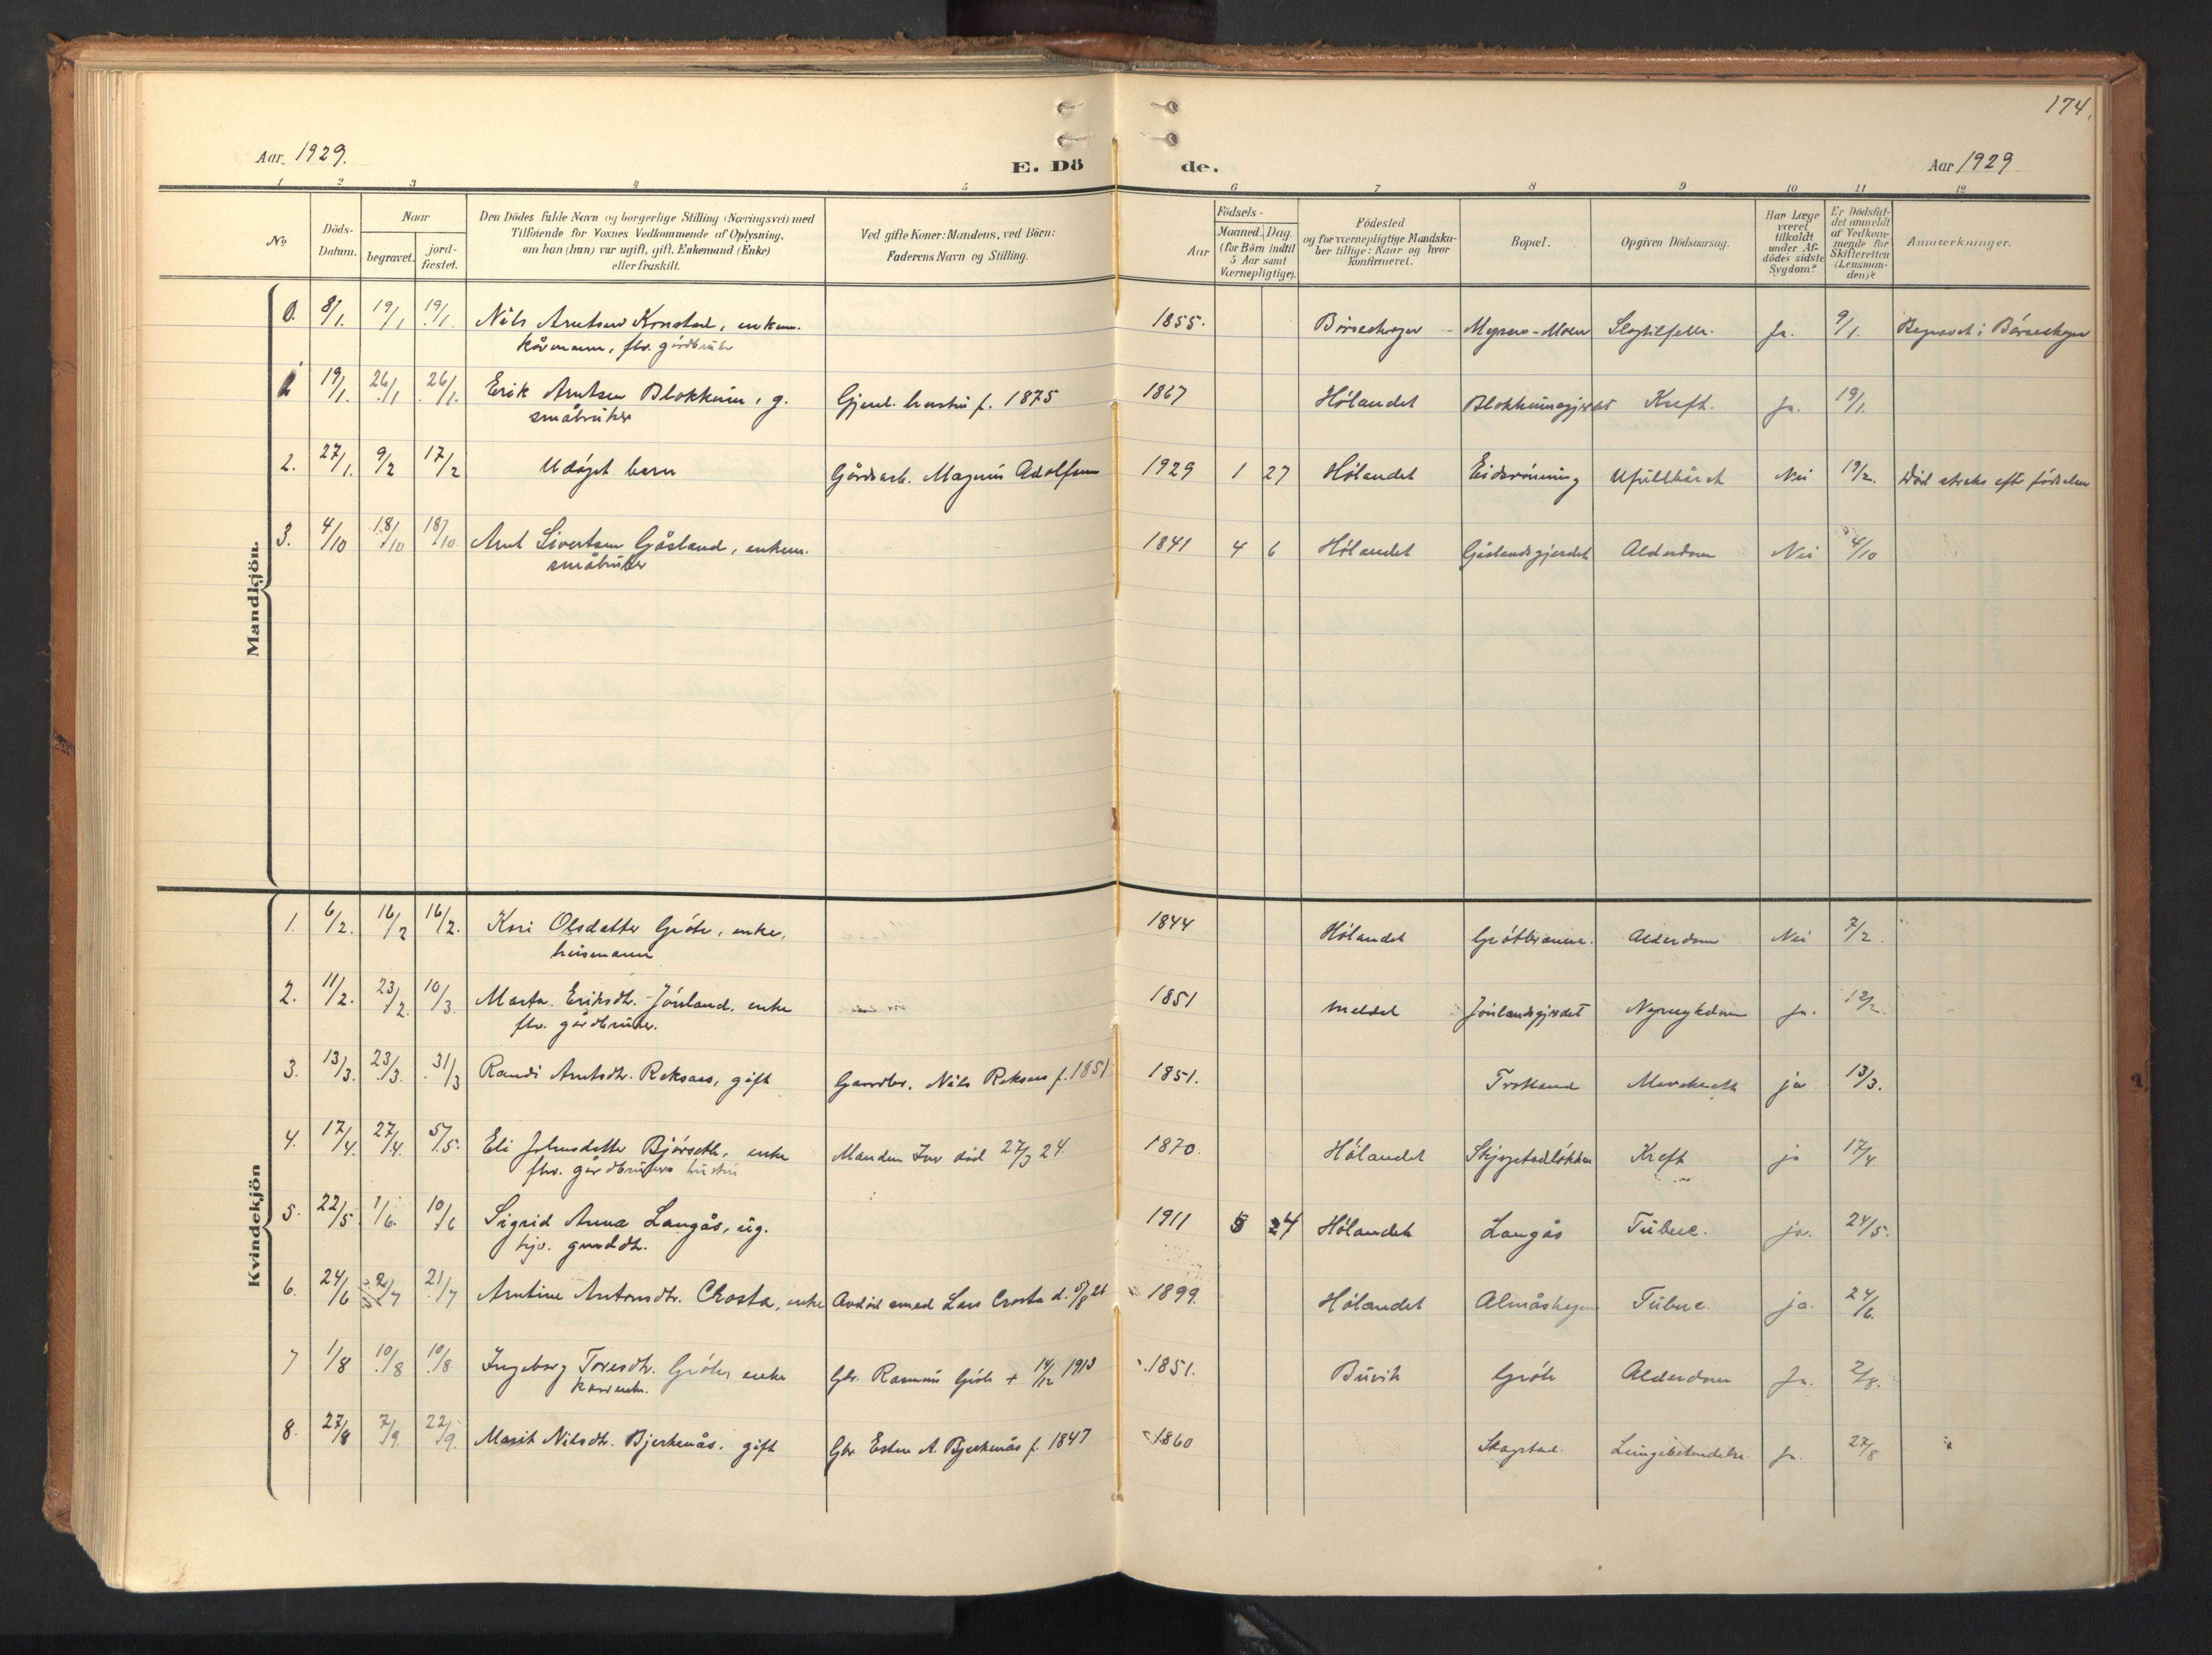 SAT, Ministerialprotokoller, klokkerbøker og fødselsregistre - Sør-Trøndelag, 694/L1128: Ministerialbok nr. 694A02, 1906-1931, s. 174